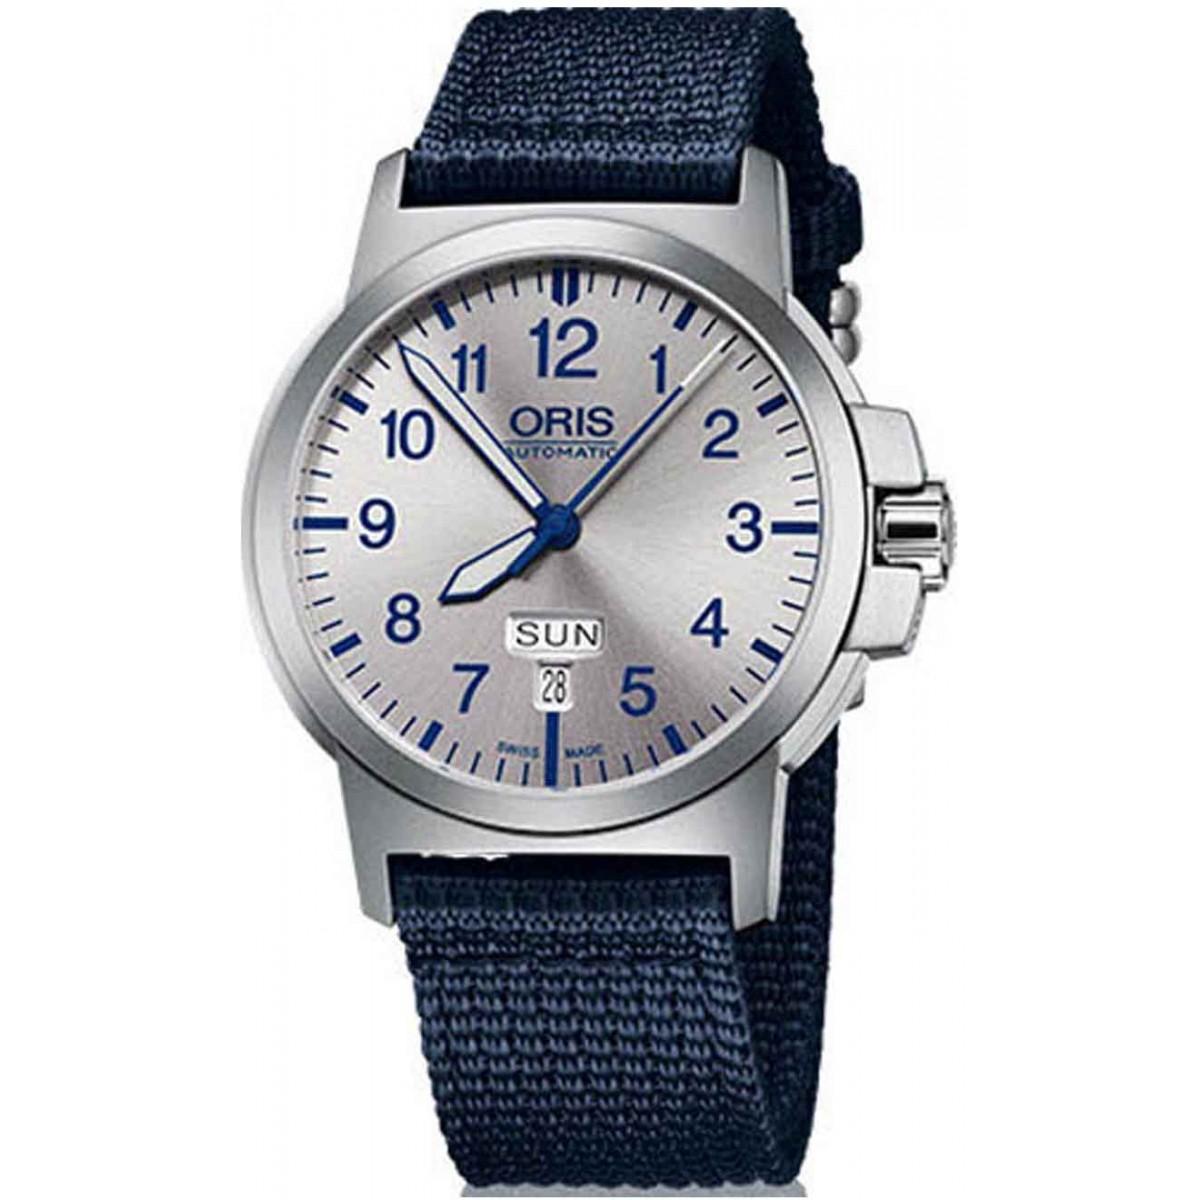 ORIS BC3 ADVANCED, DAY DATE - 100 M ∅42 mm, Automatico, Esfera plata, Tela azul